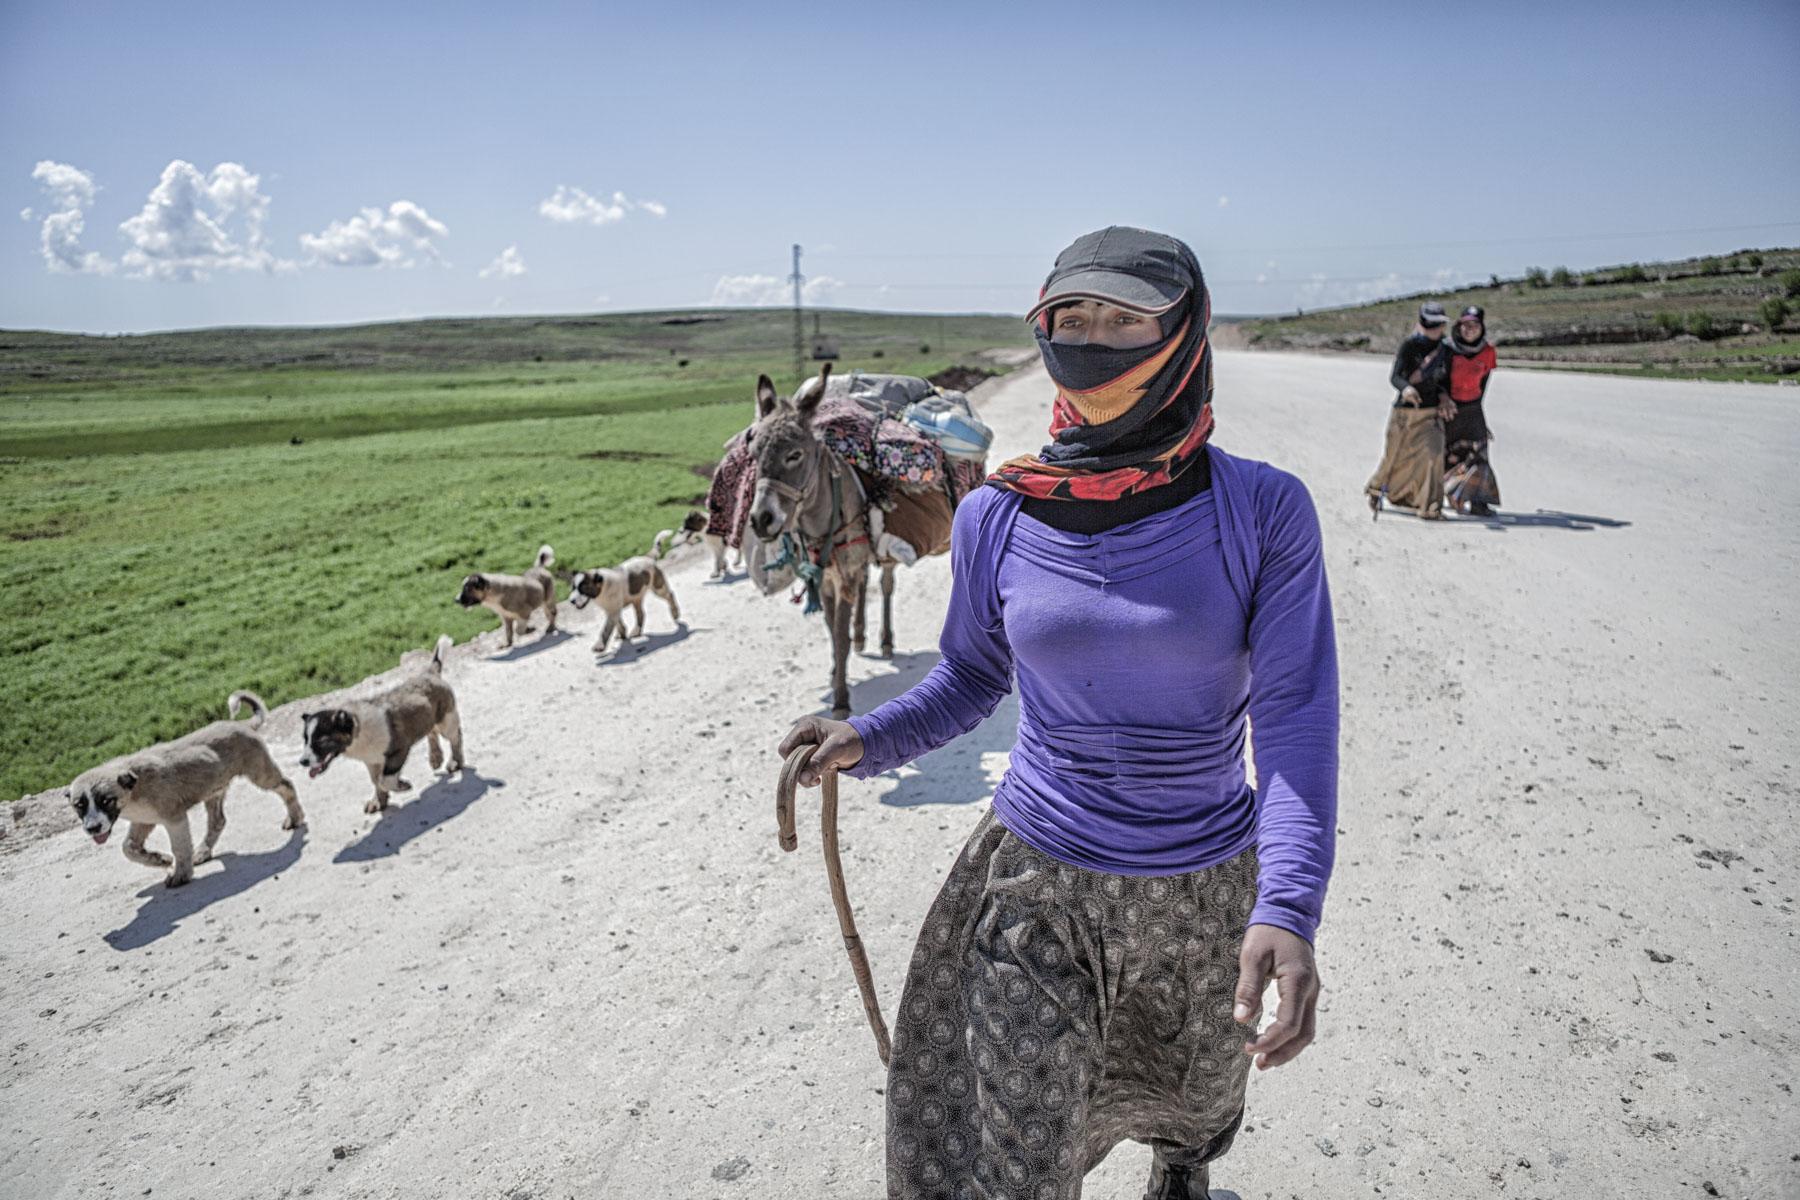 28_Nadir_Bucan_Nomads of Eastern Anatolia_01_1.jpg